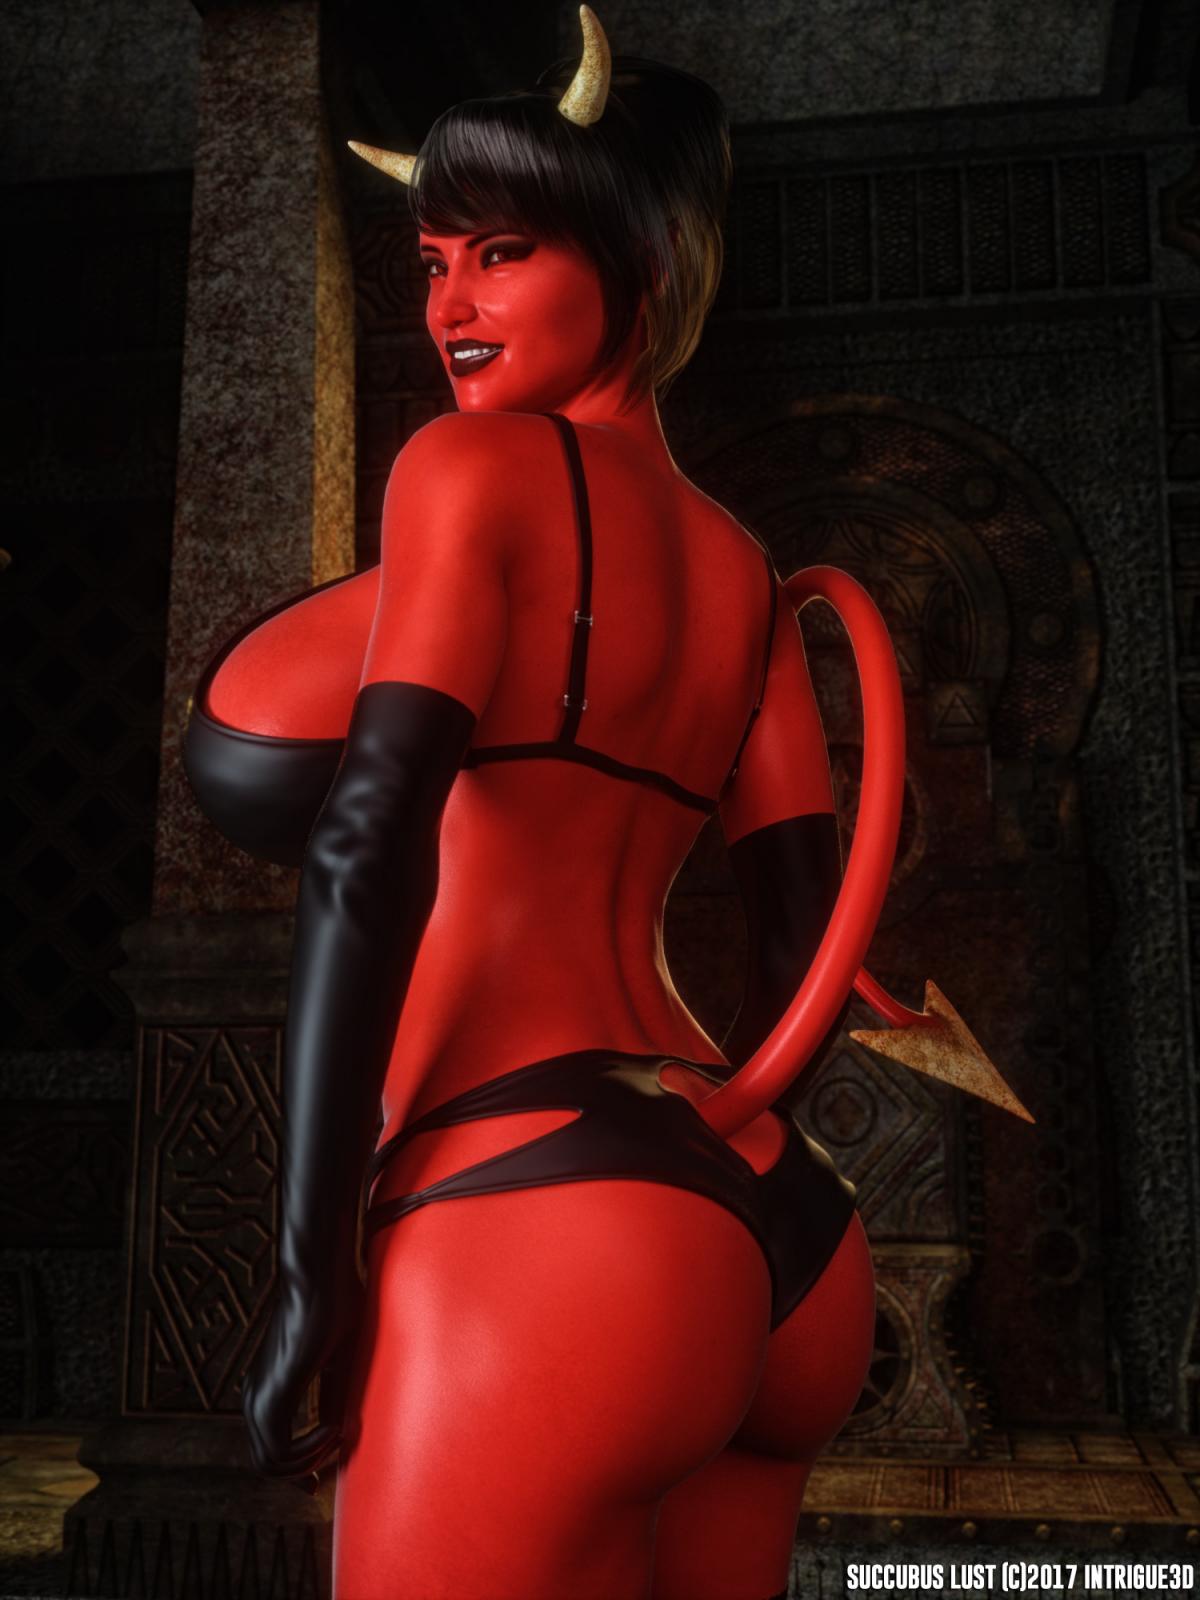 Hình ảnh 38857691770_b93a8b9e10_o trong bài viết Succubus Lust